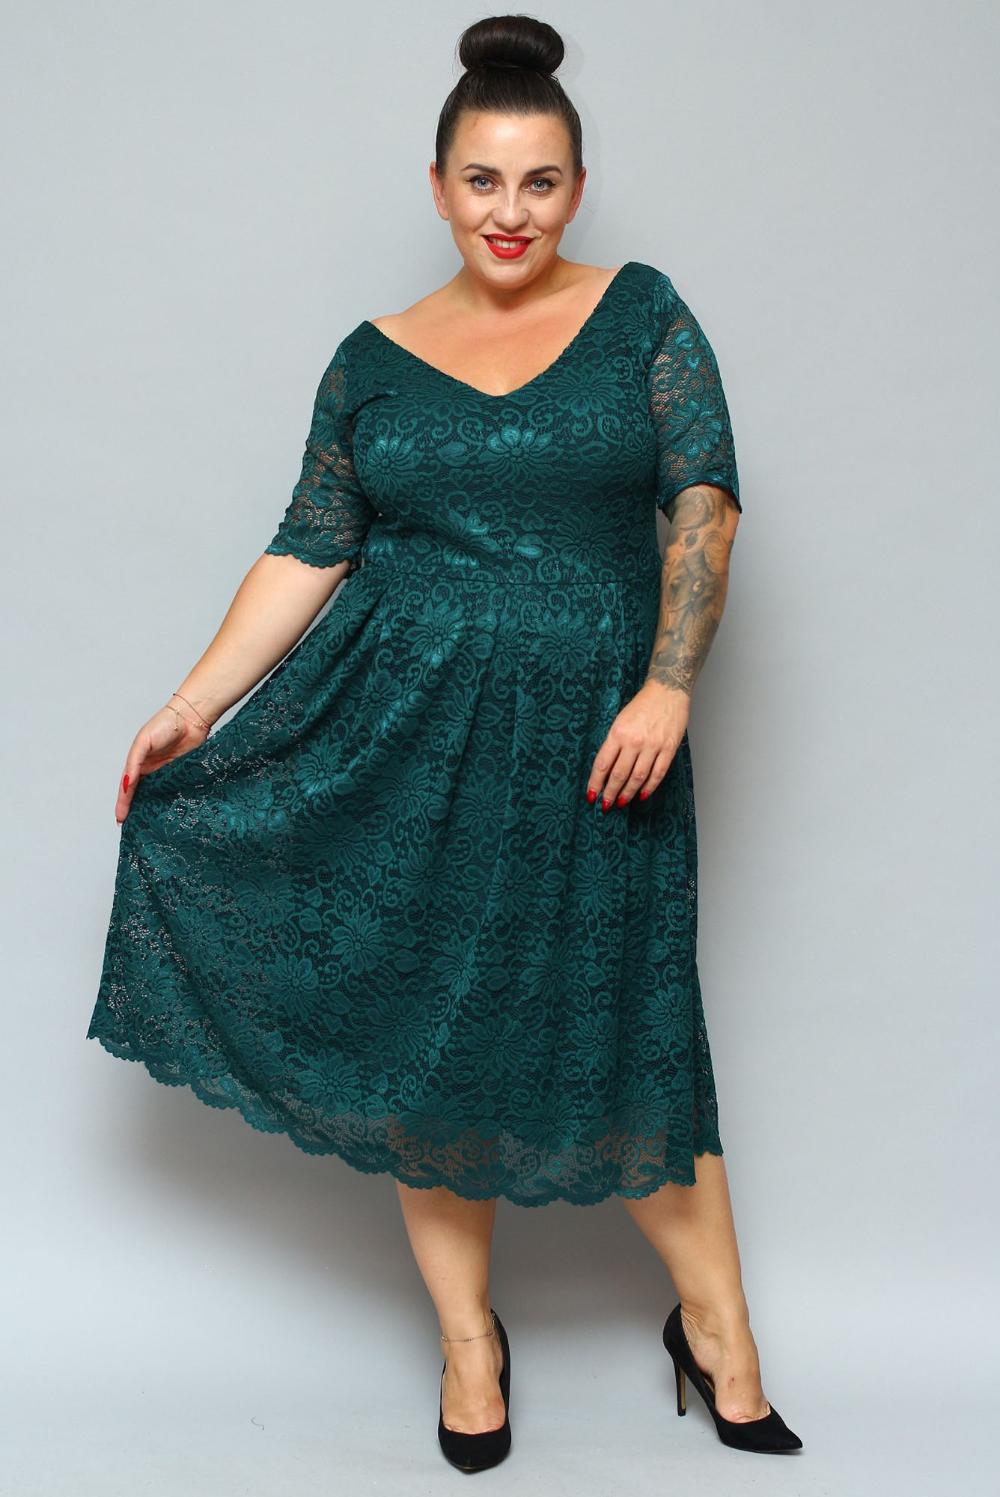 Sukienka Koronkowa Rozkloszowana Wenecja Butelkowa Zielen Sklep Internetowy Plus Size Dresses With Sleeves Long Sleeve Dress Dresses